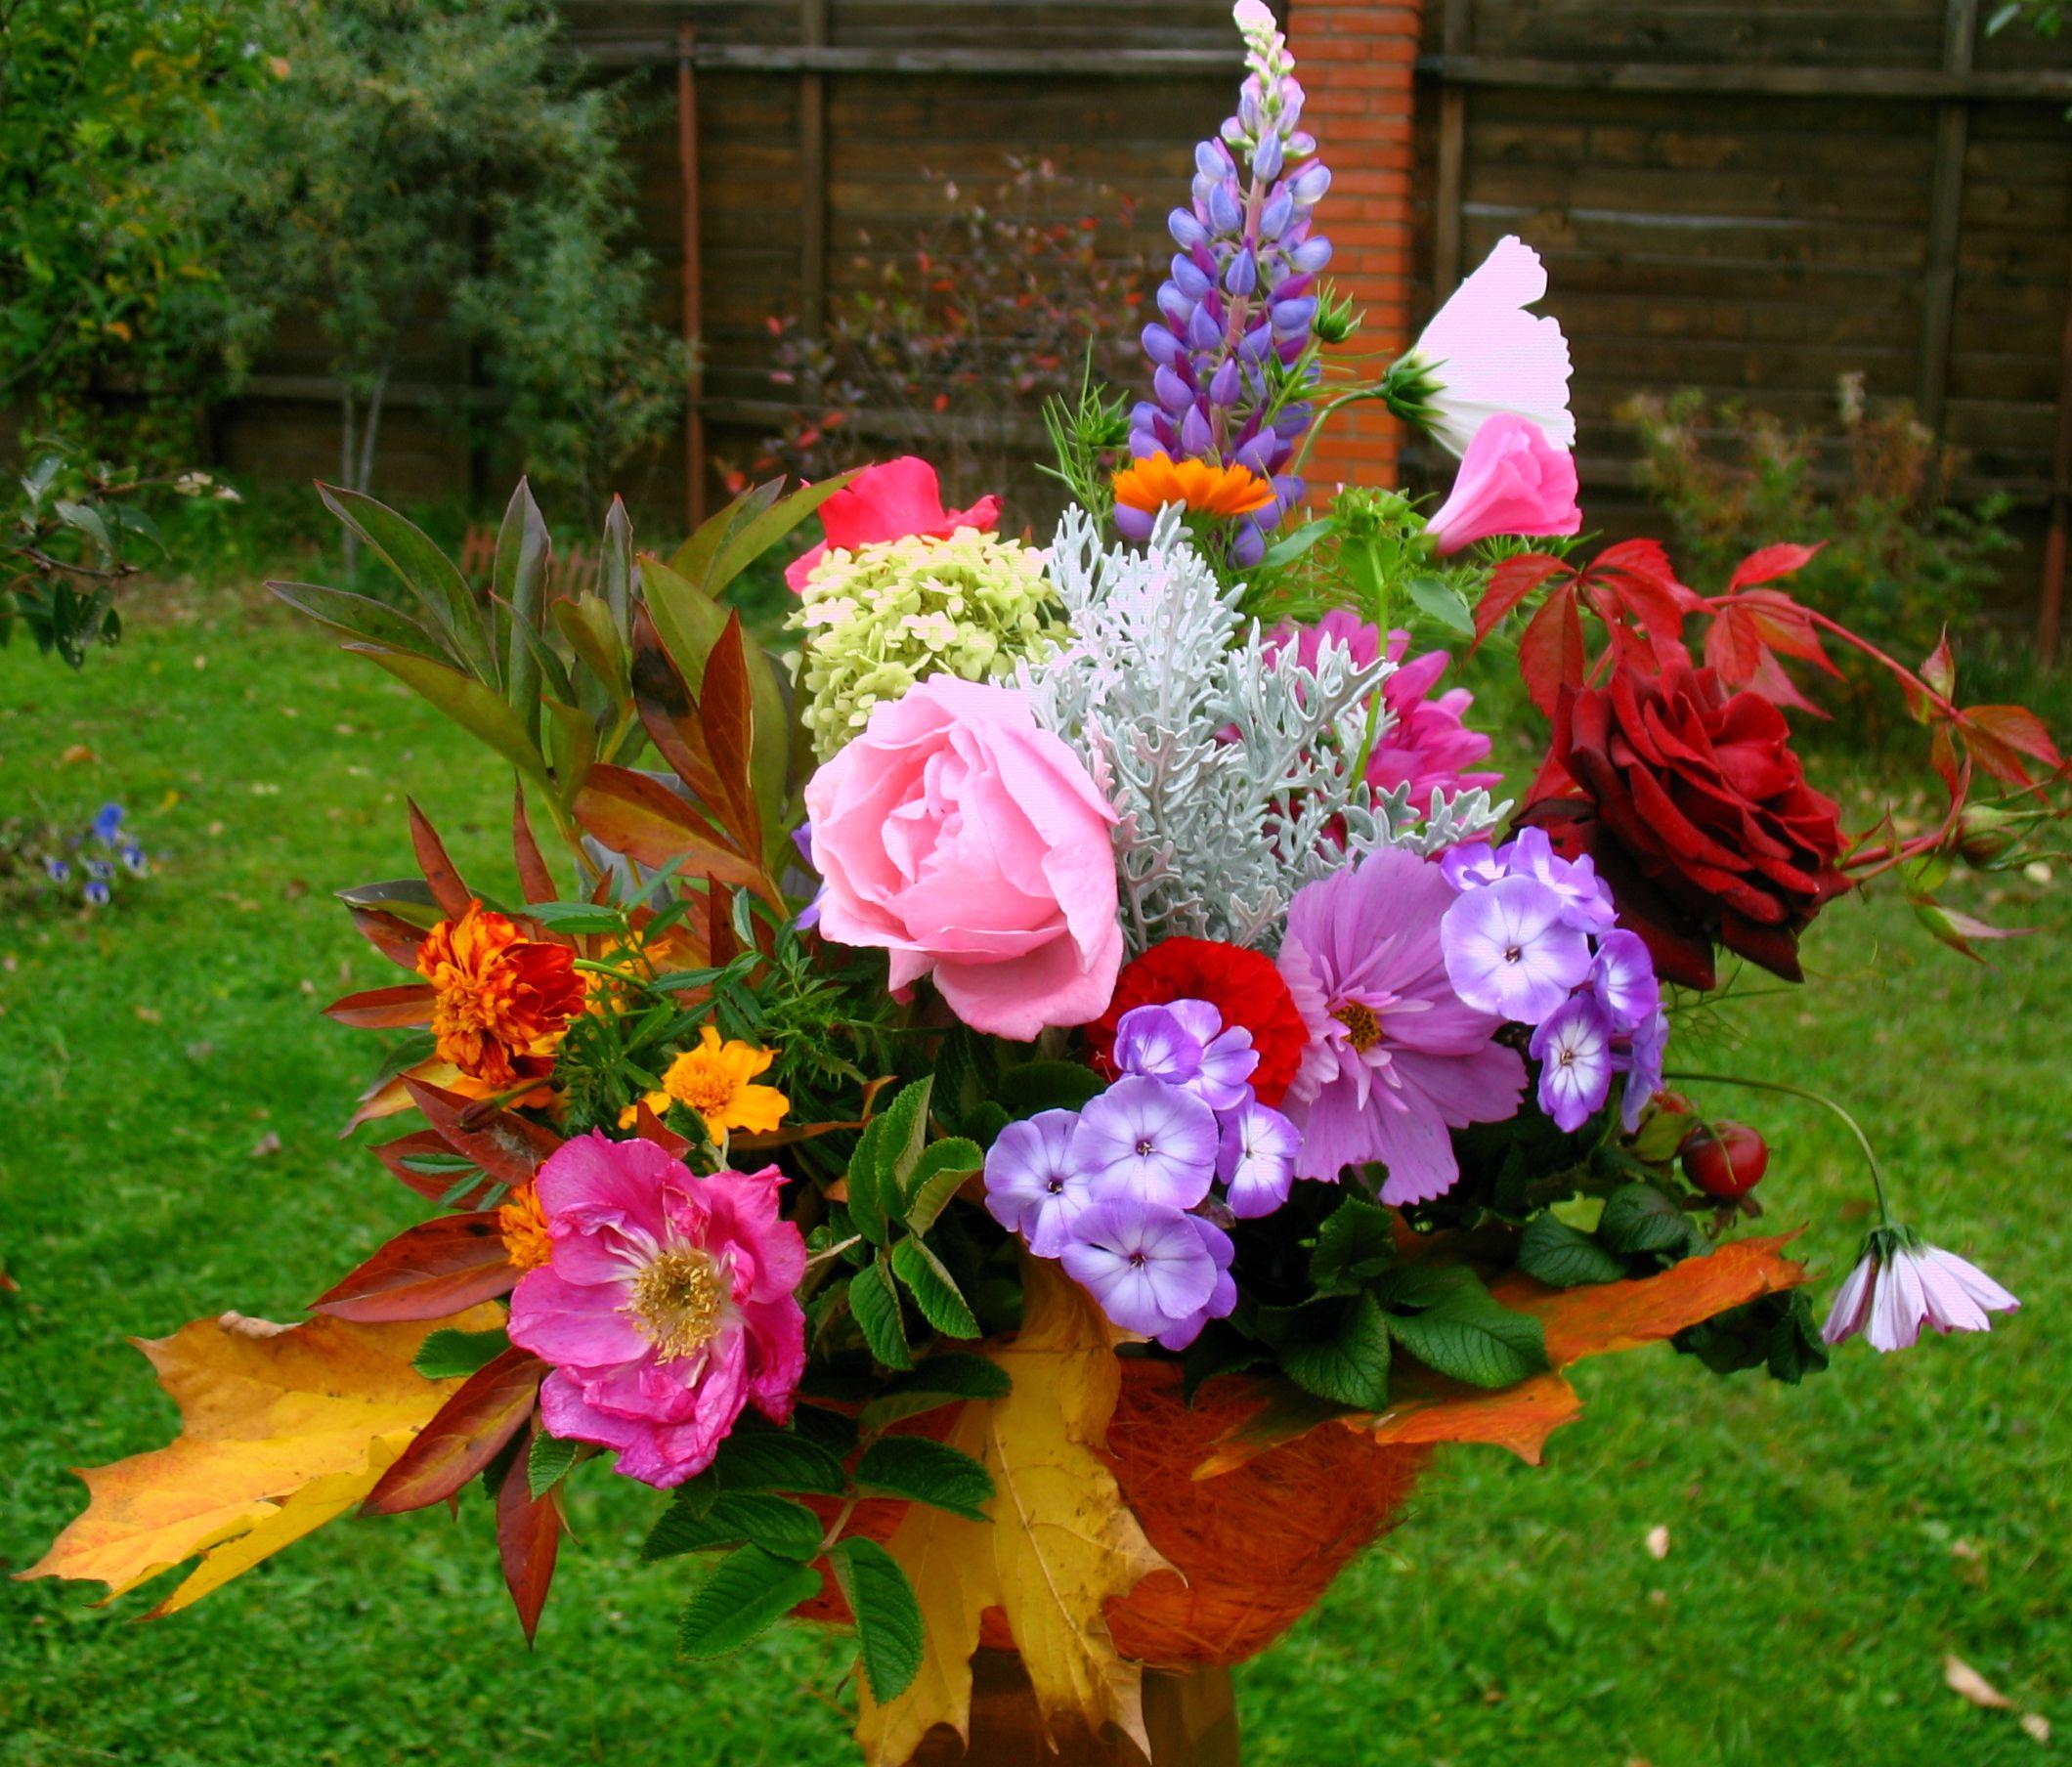 Букет из дачных цветов к 1 сентября своими руками. - Участок и сад 16